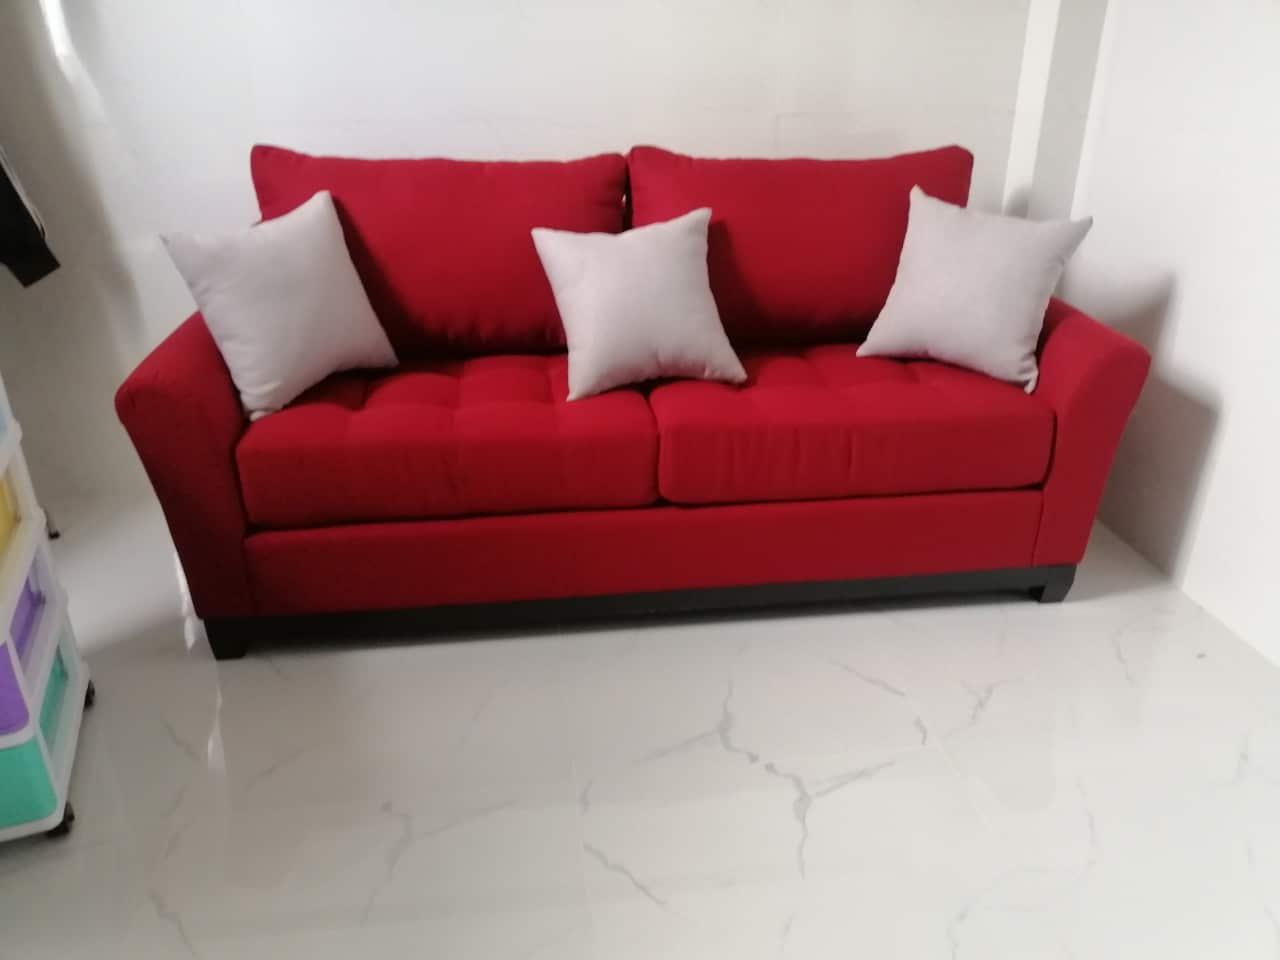 Sofa băng - Ảnh giao khách hàng